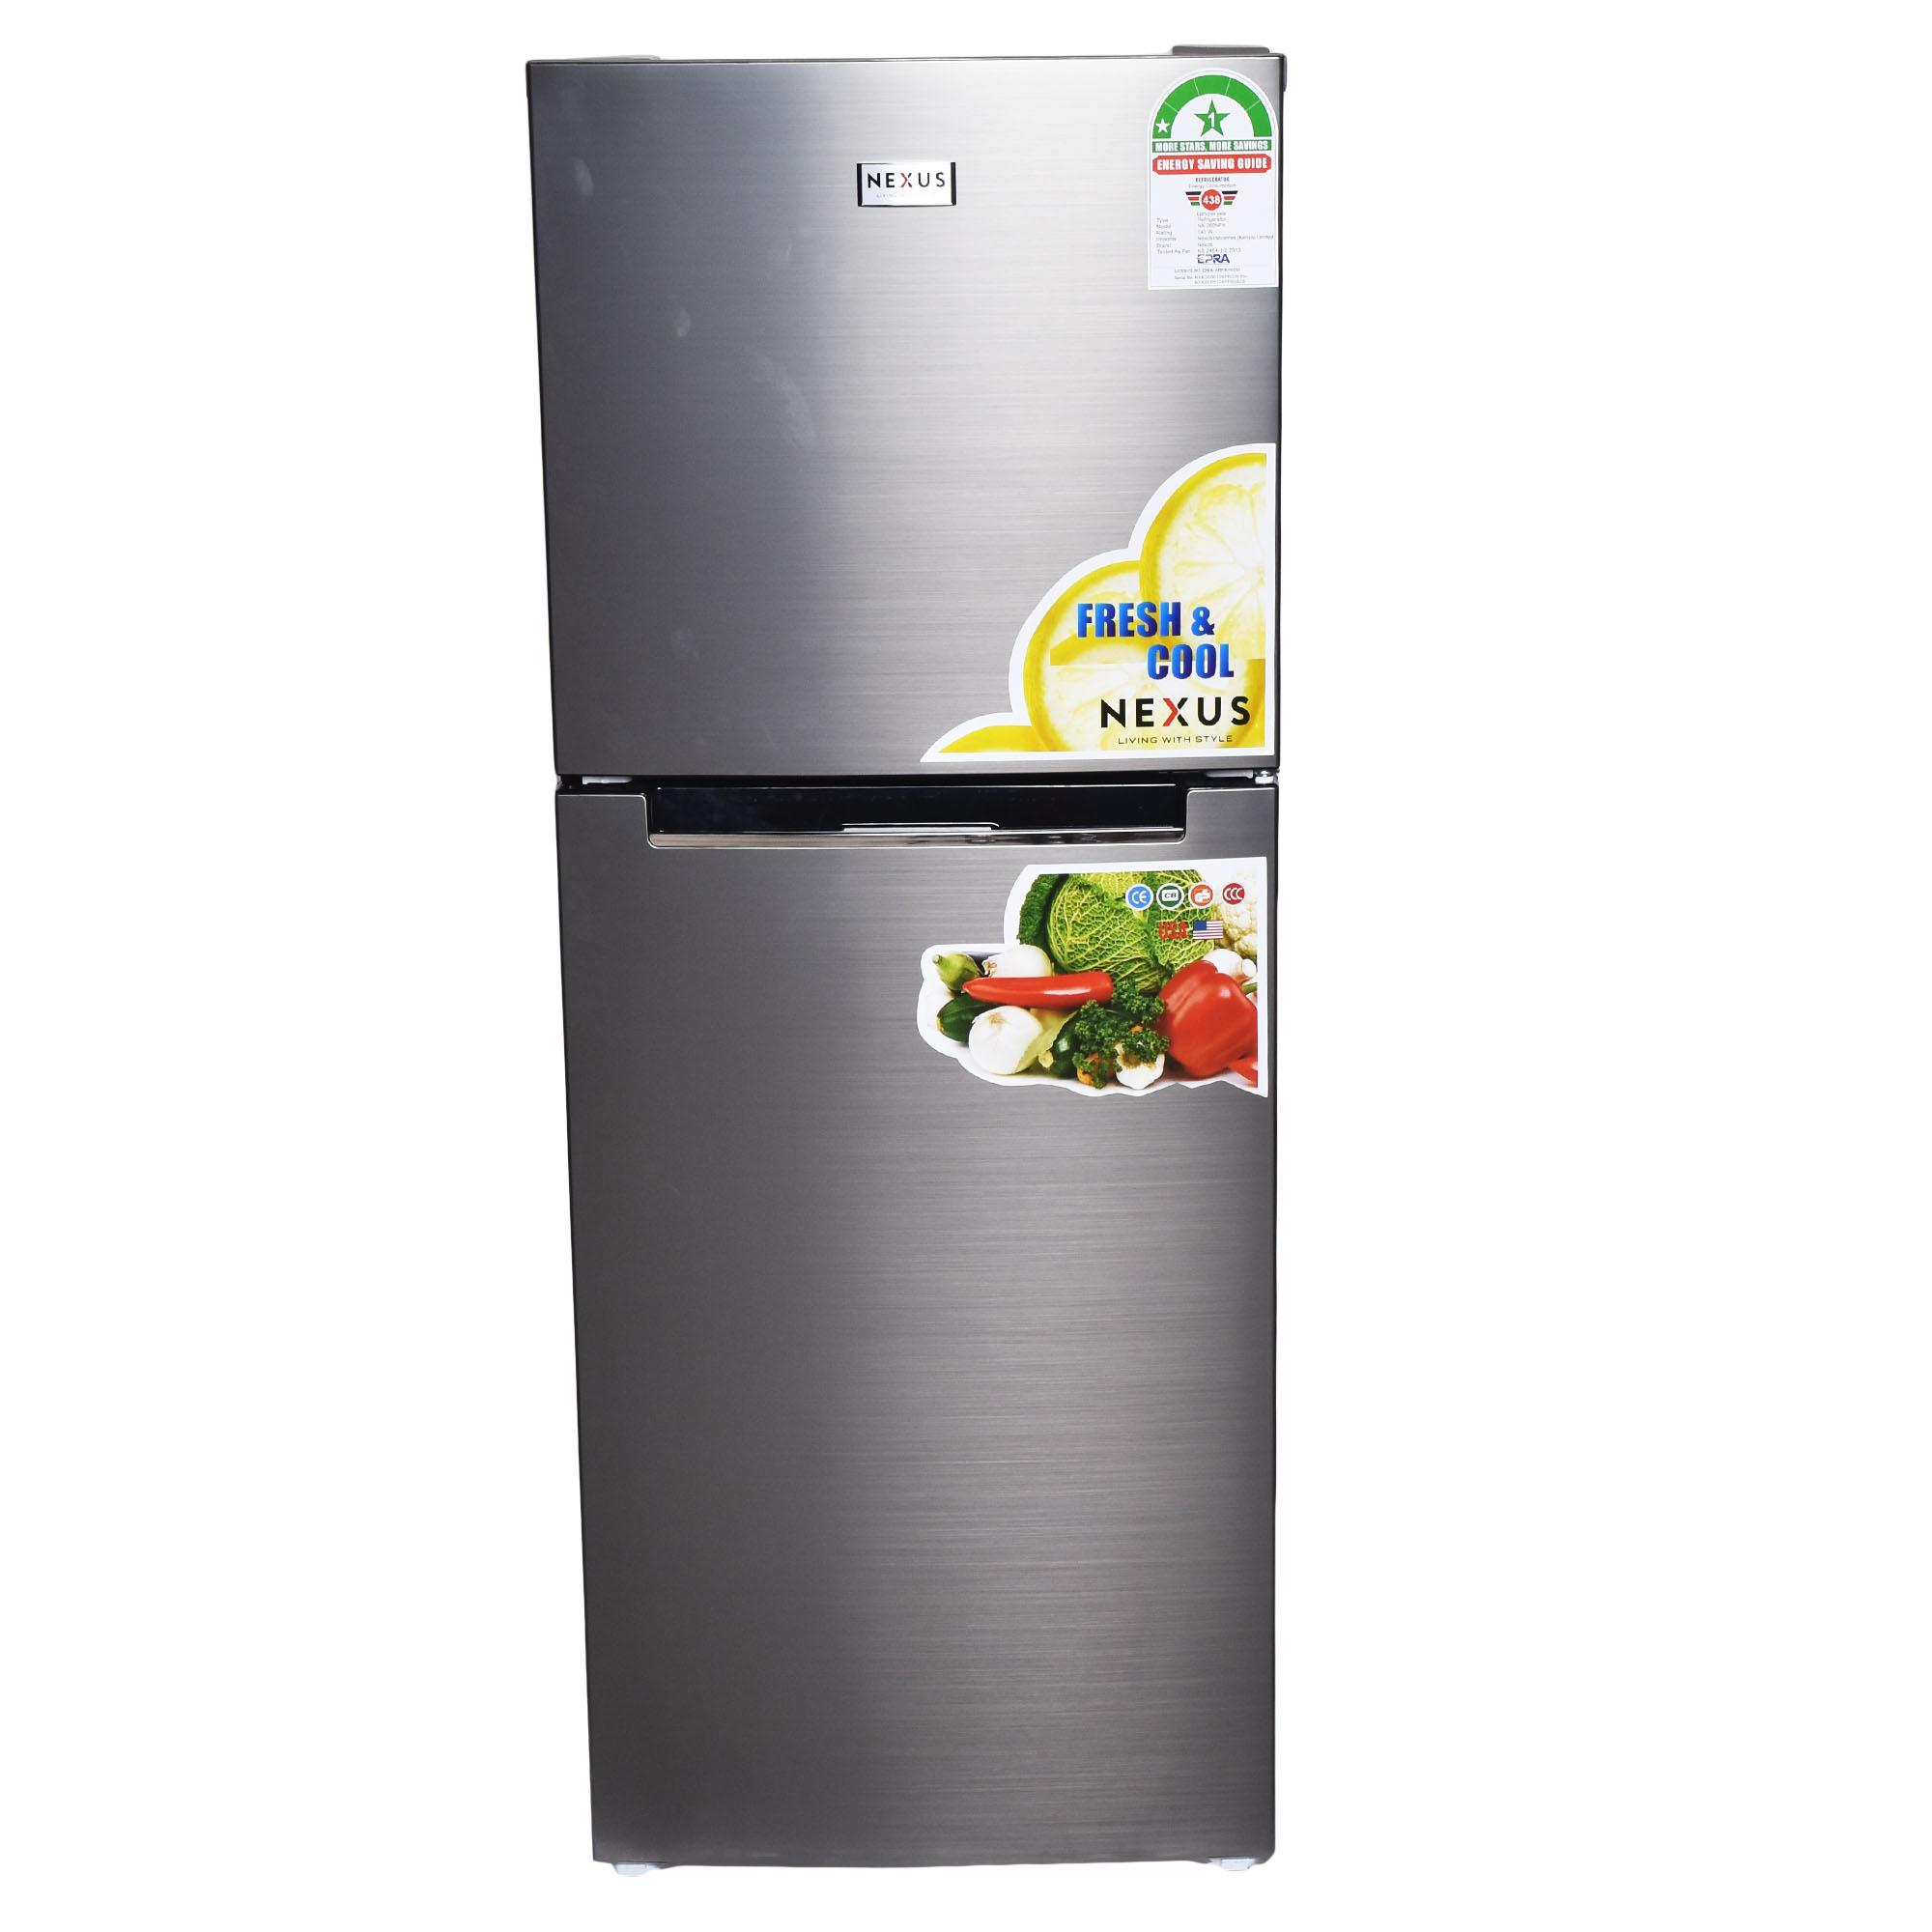 Nexus NX-450NFK, Refrigerator, 344Litres - Inox